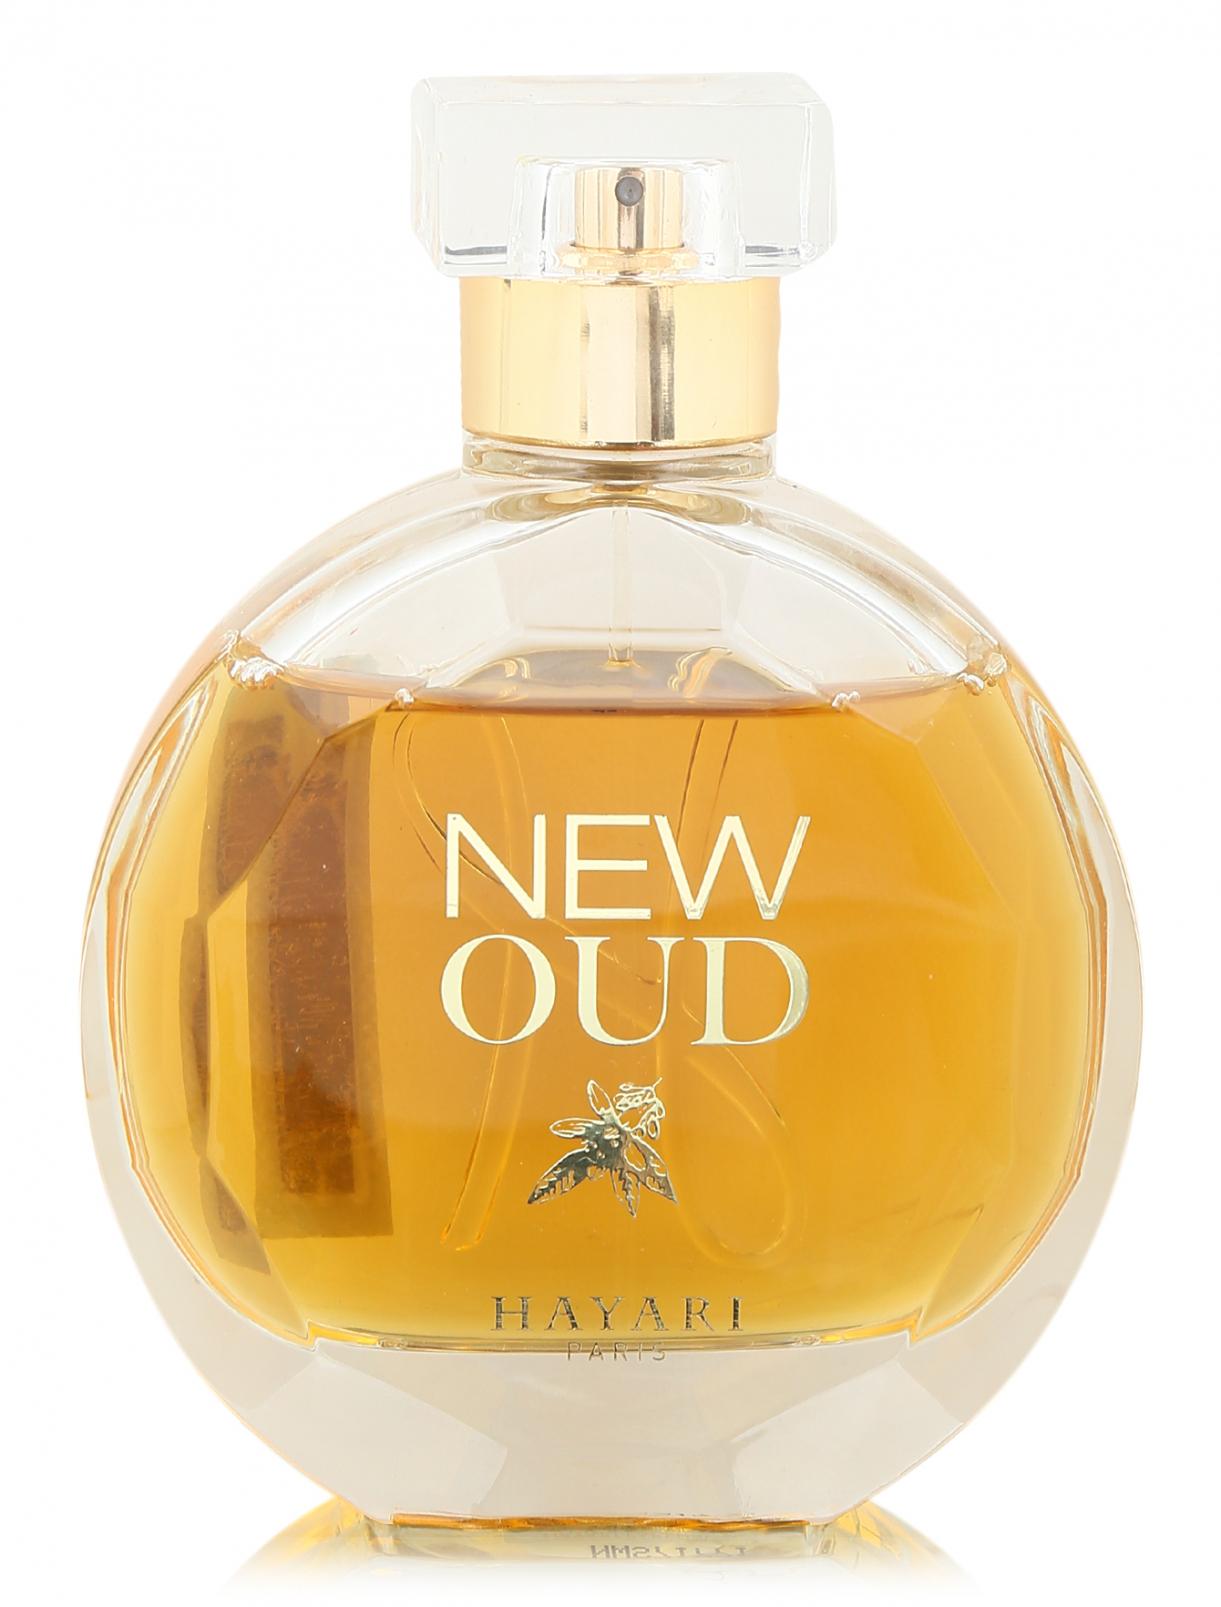 Парфюмерная вода 100 мл New Oud Hayari Parfums  –  Общий вид